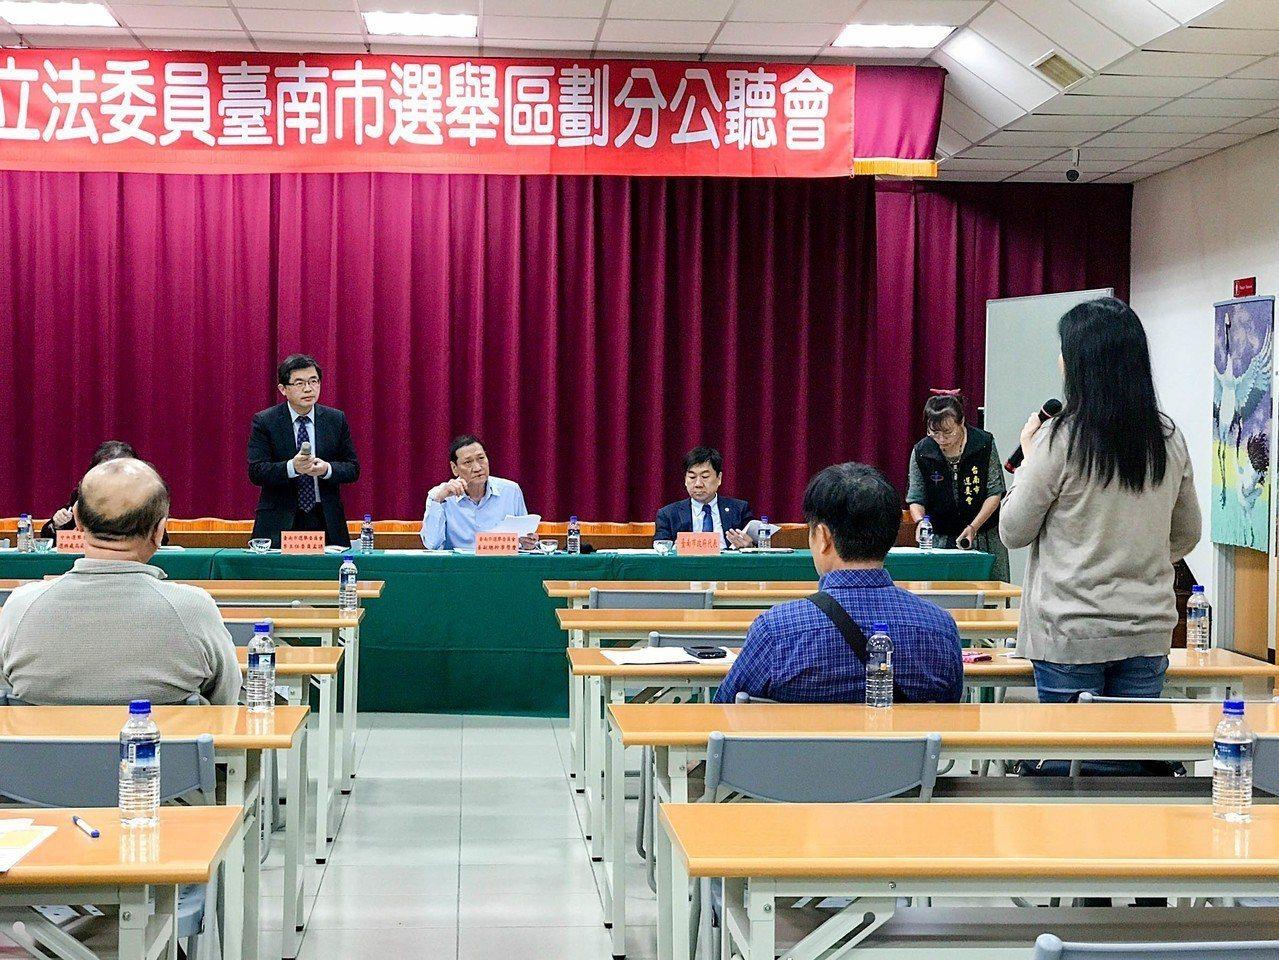 台南市立委將從原本的5席增至6席,南市選委會昨召開選區劃分公聽會,公布初步劃分方...